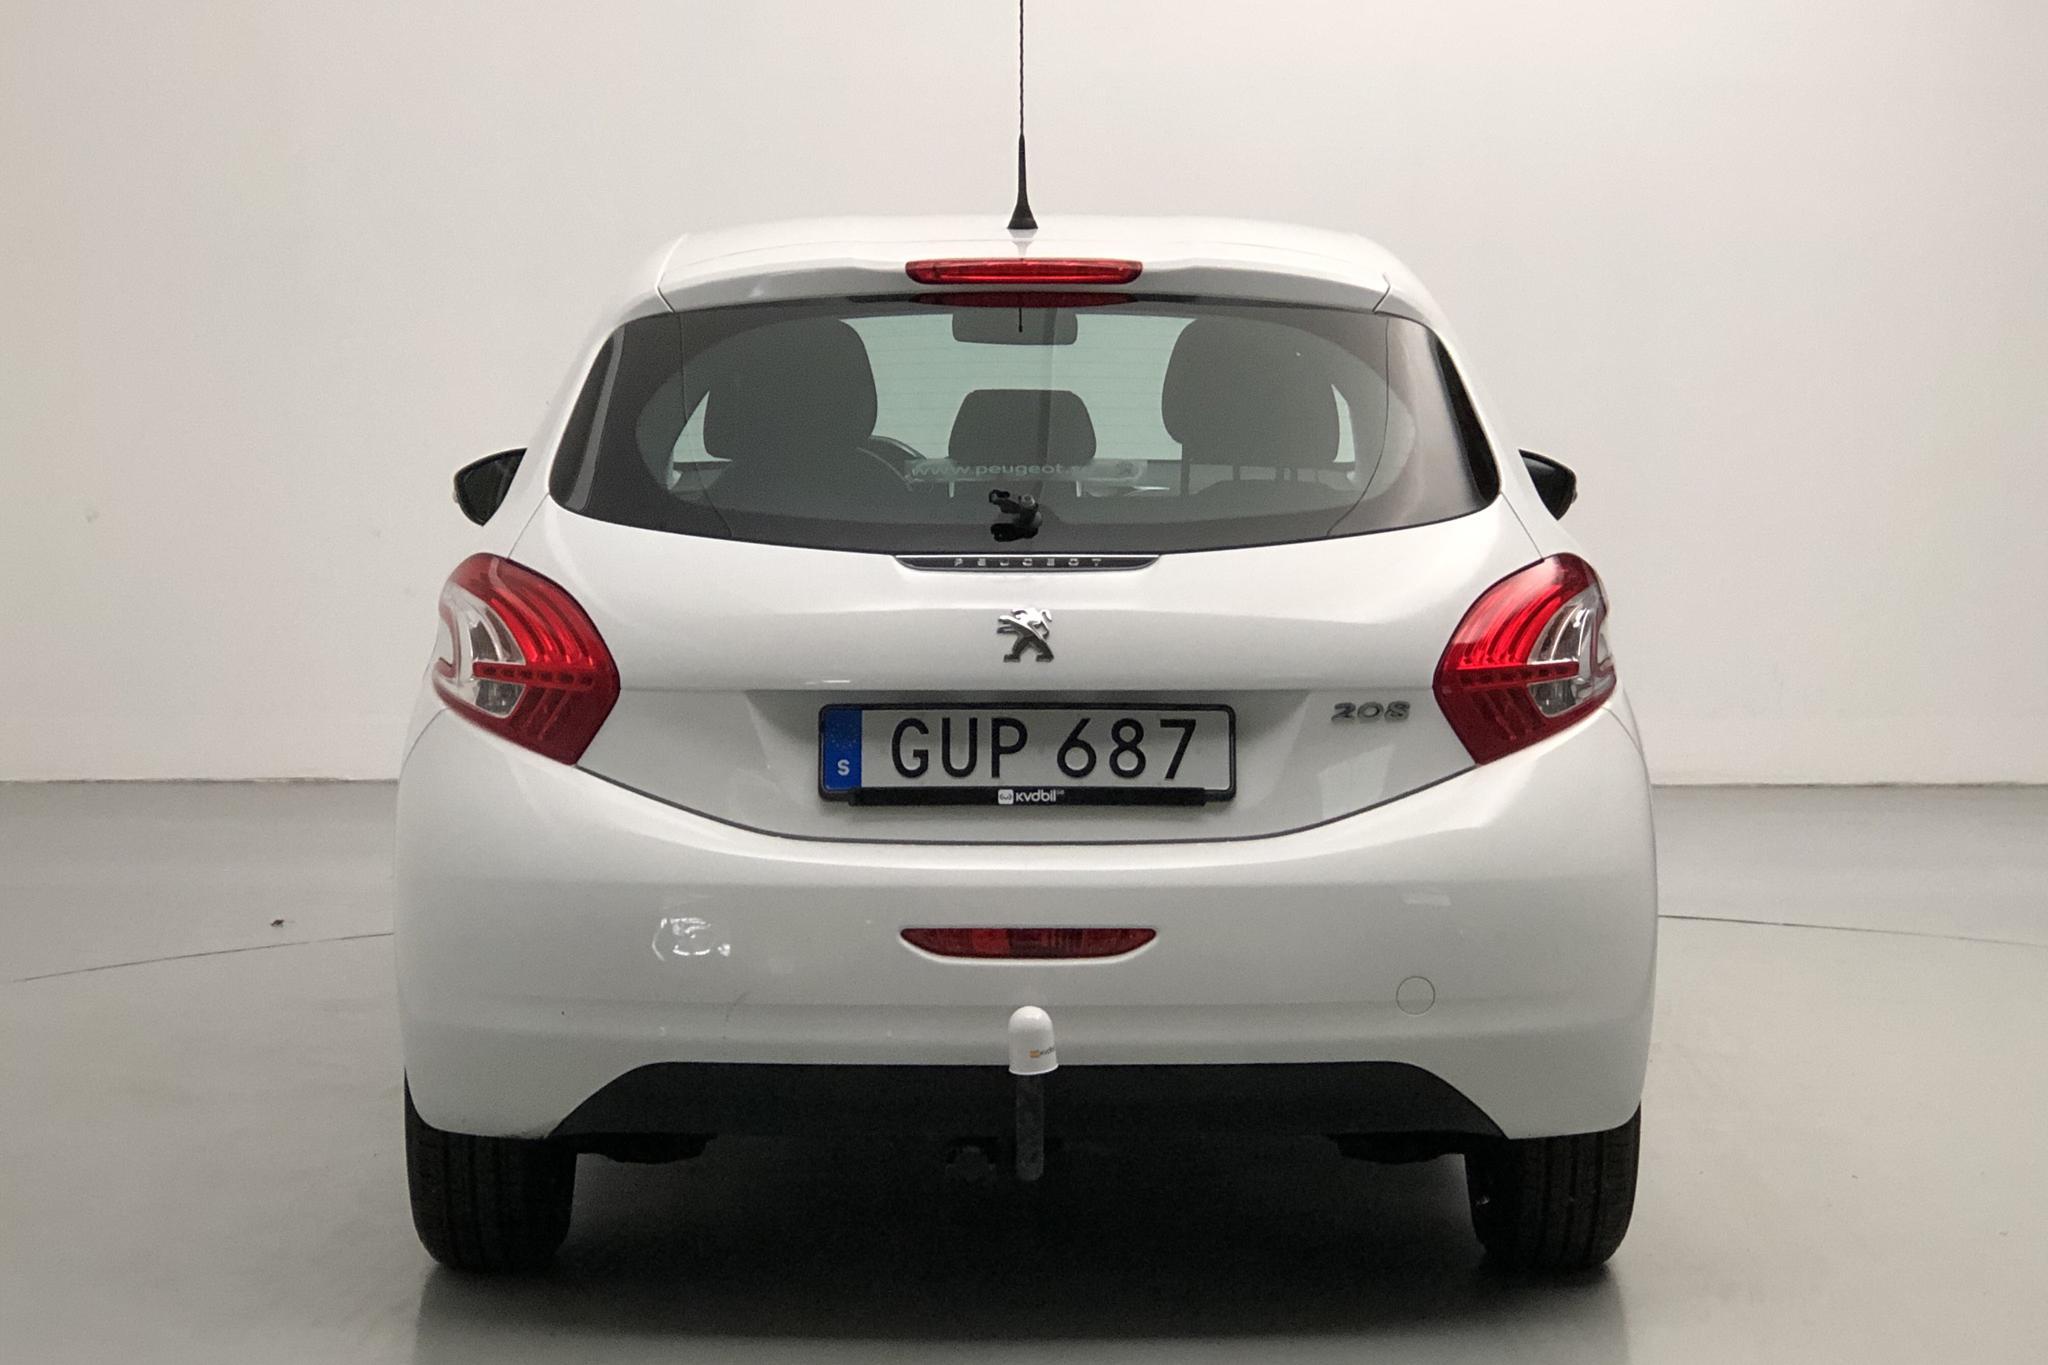 Peugeot 208 1.2 VTi 5dr (82hk) - 5 668 mil - Manuell - vit - 2015